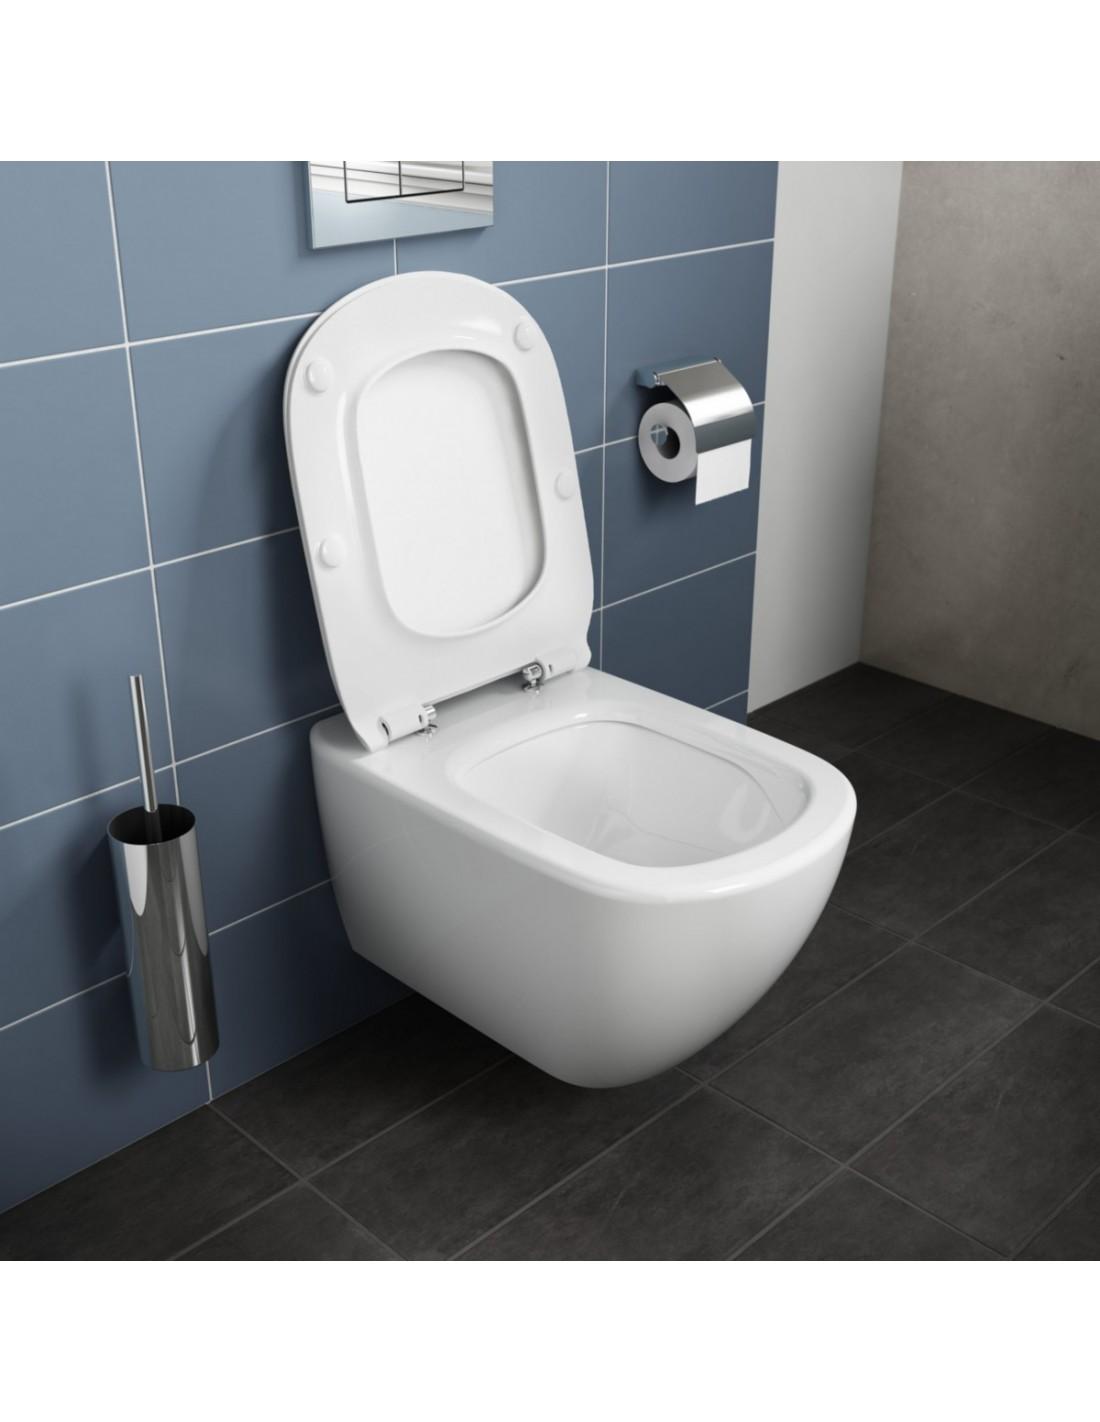 cuvette supendue tesi aquablade ideal standard. Black Bedroom Furniture Sets. Home Design Ideas